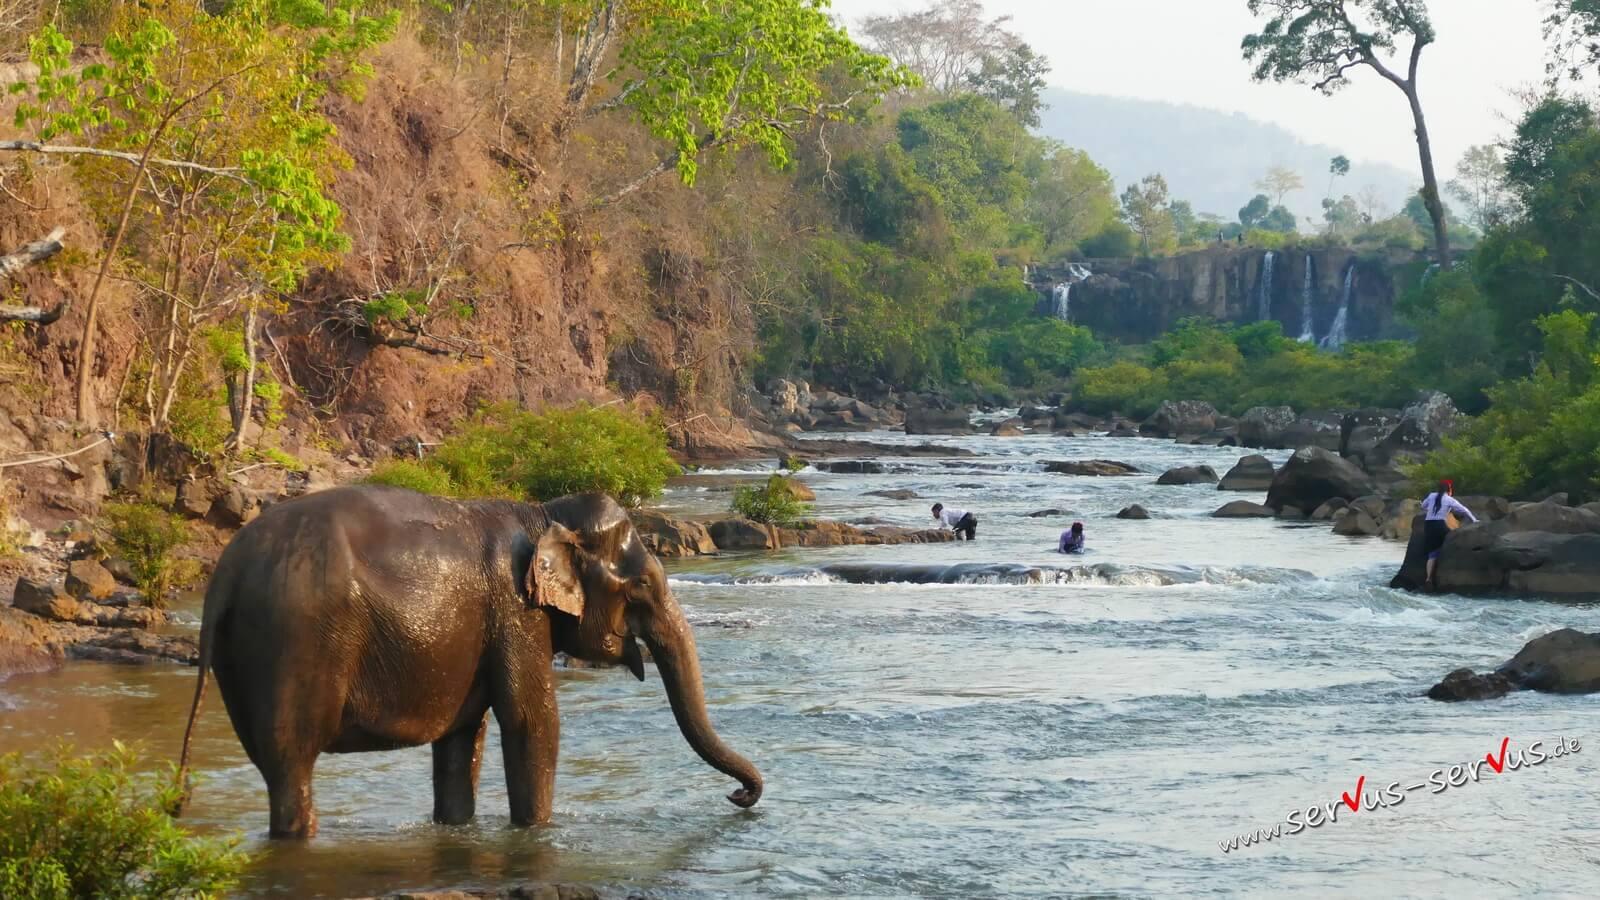 Wasserfall, Ta Lo, Laos, Elefant im Wasser